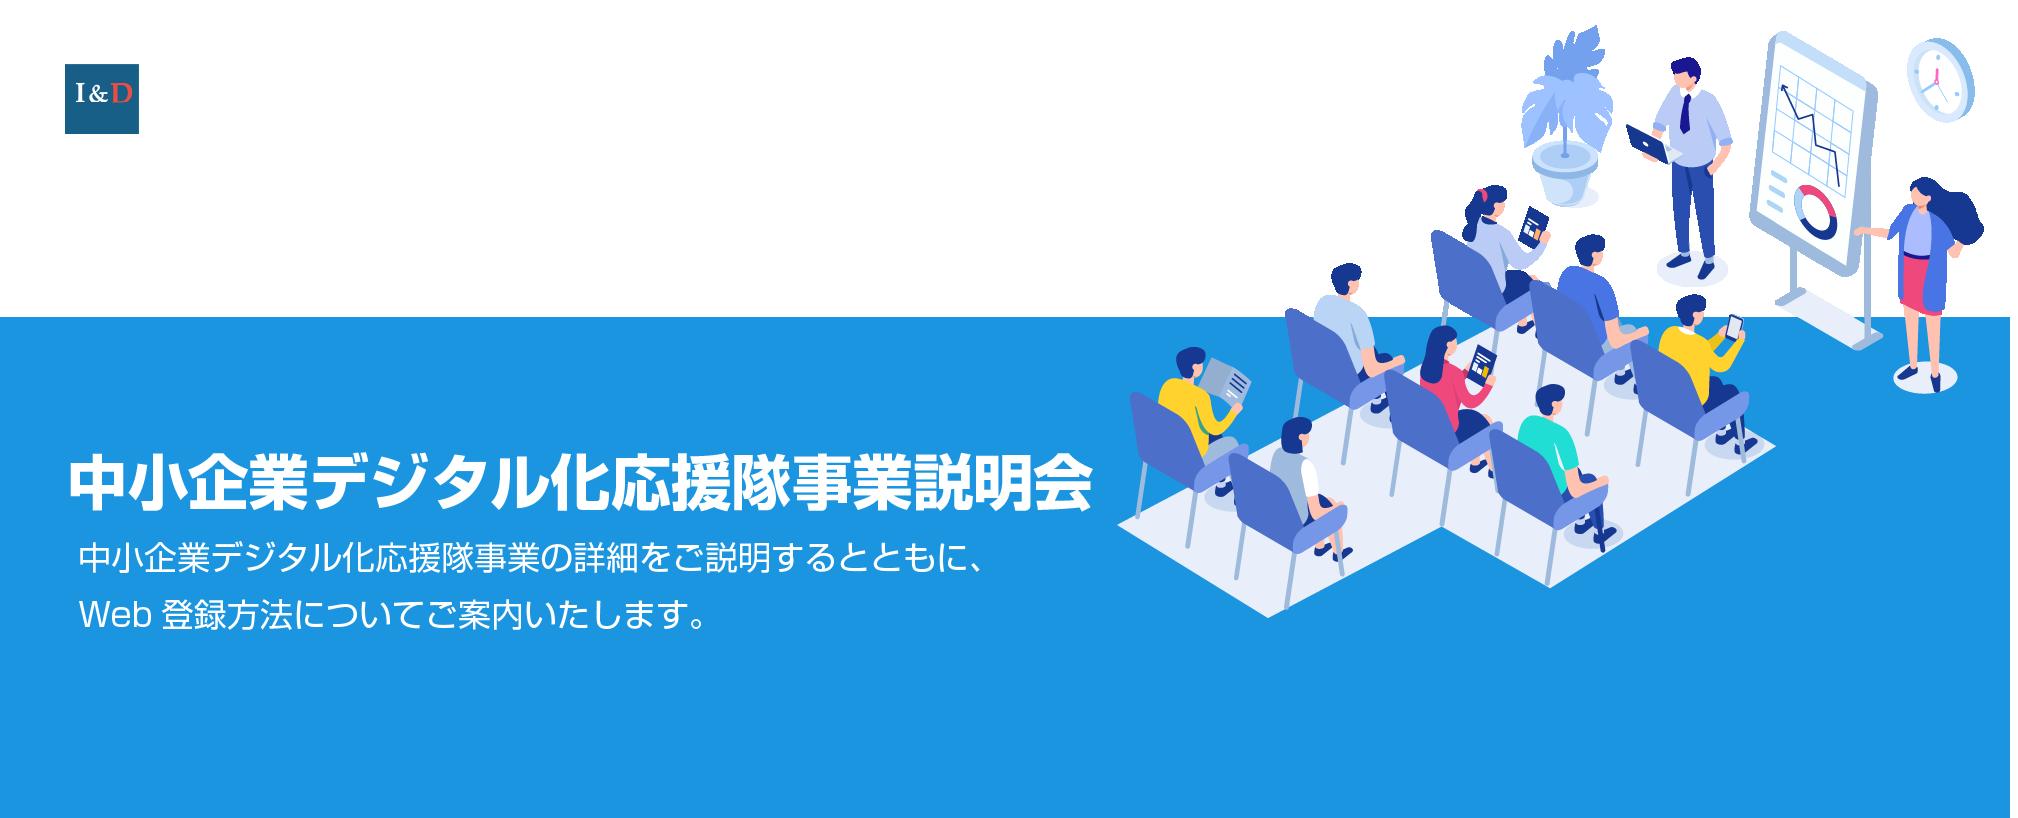 中小企業デジタル化応援隊事業説明会